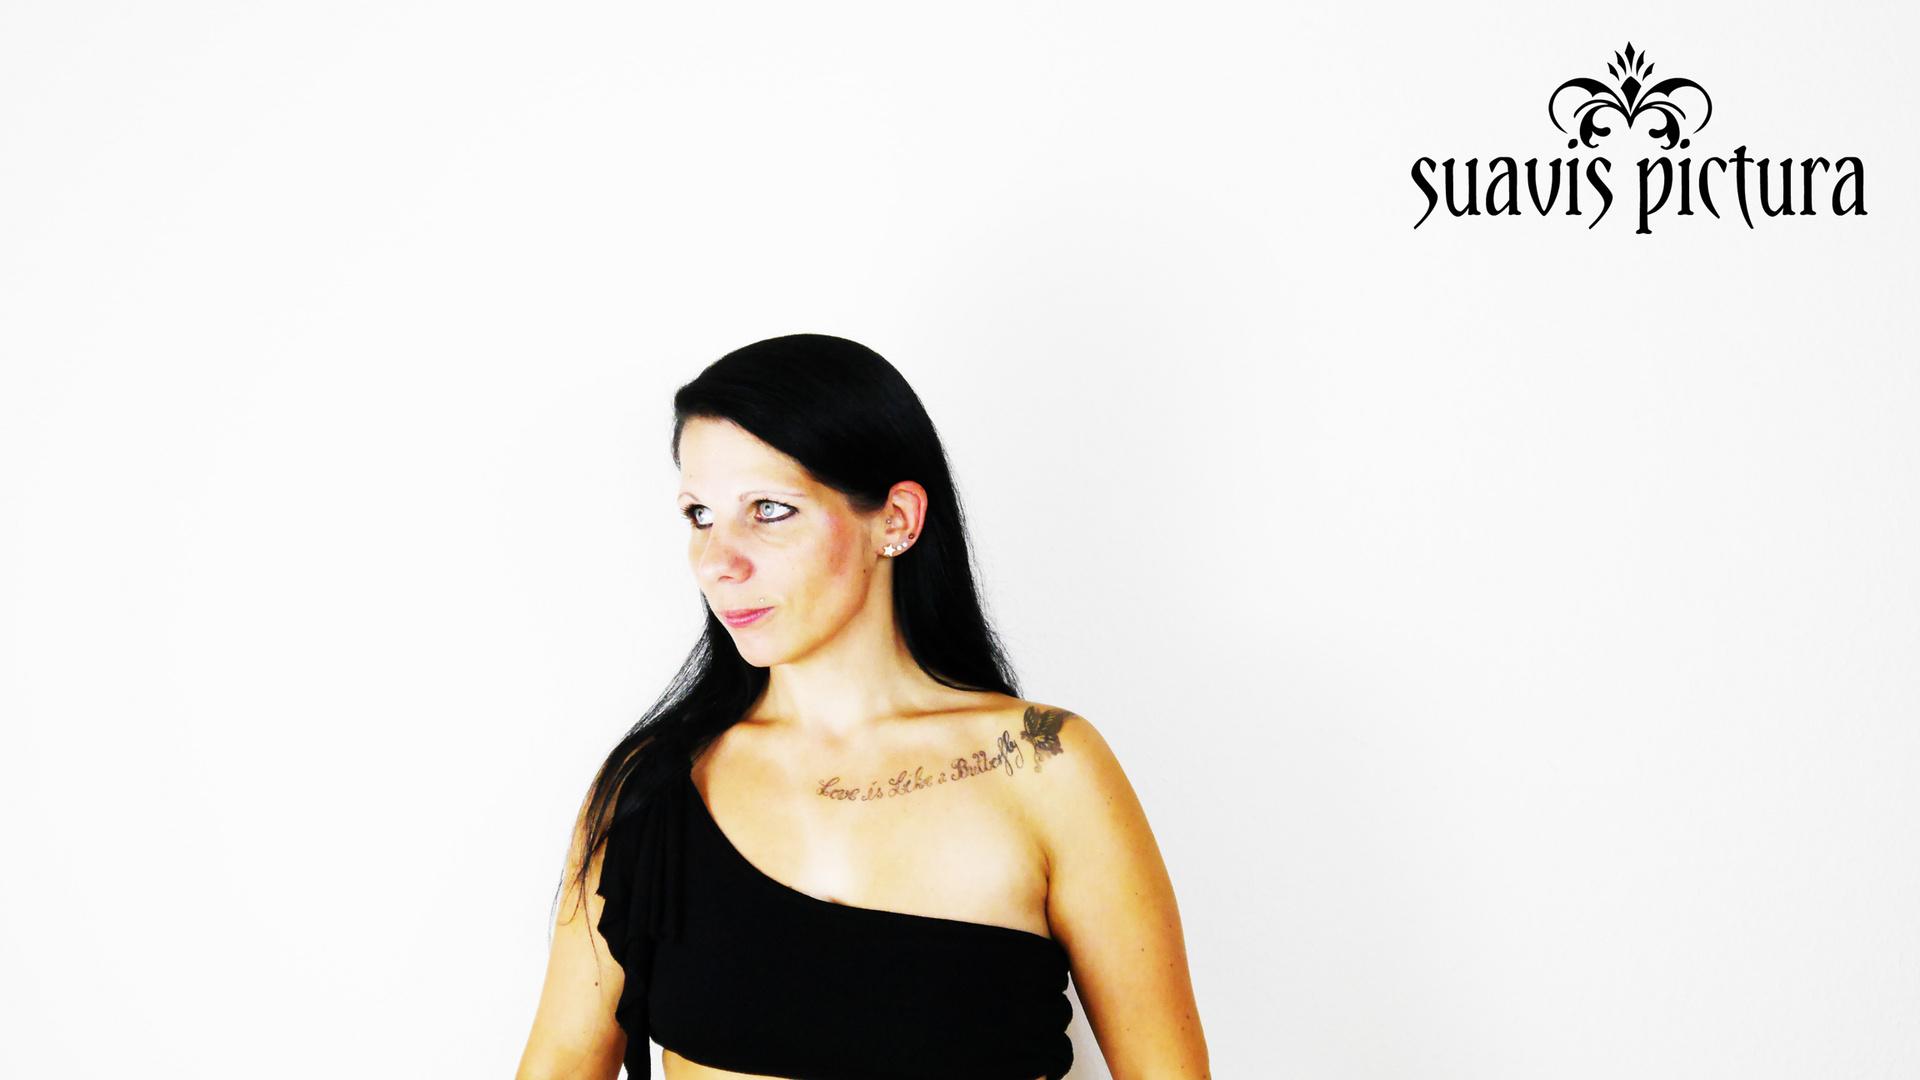 Suavis Pictura - Melanie 07